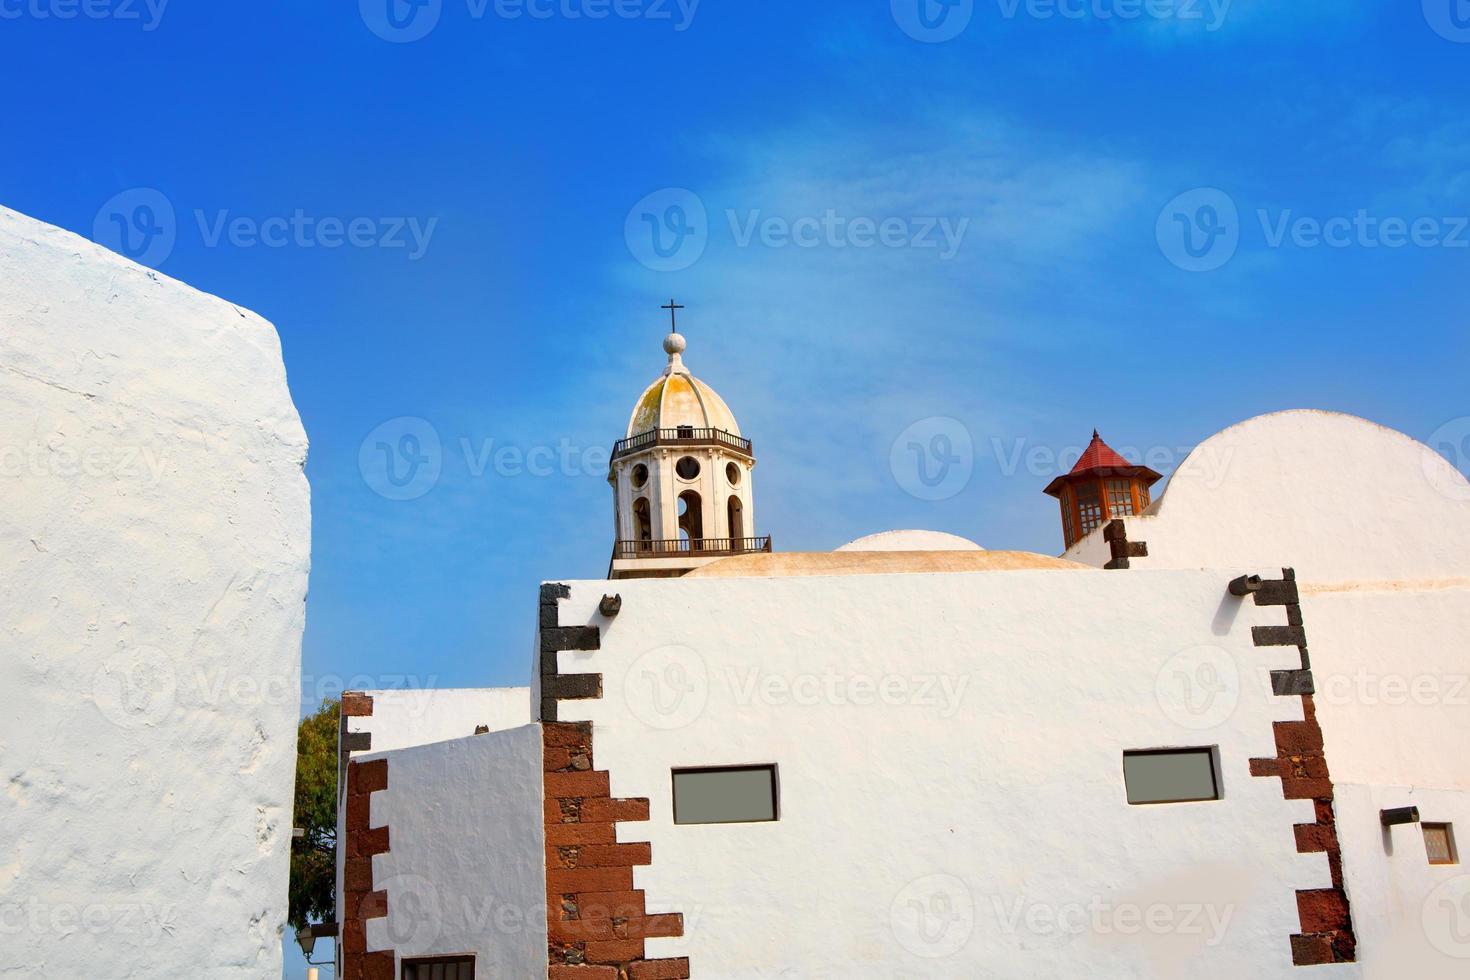 Lanzarote teguise pueblo blanco con torre de la iglesia foto